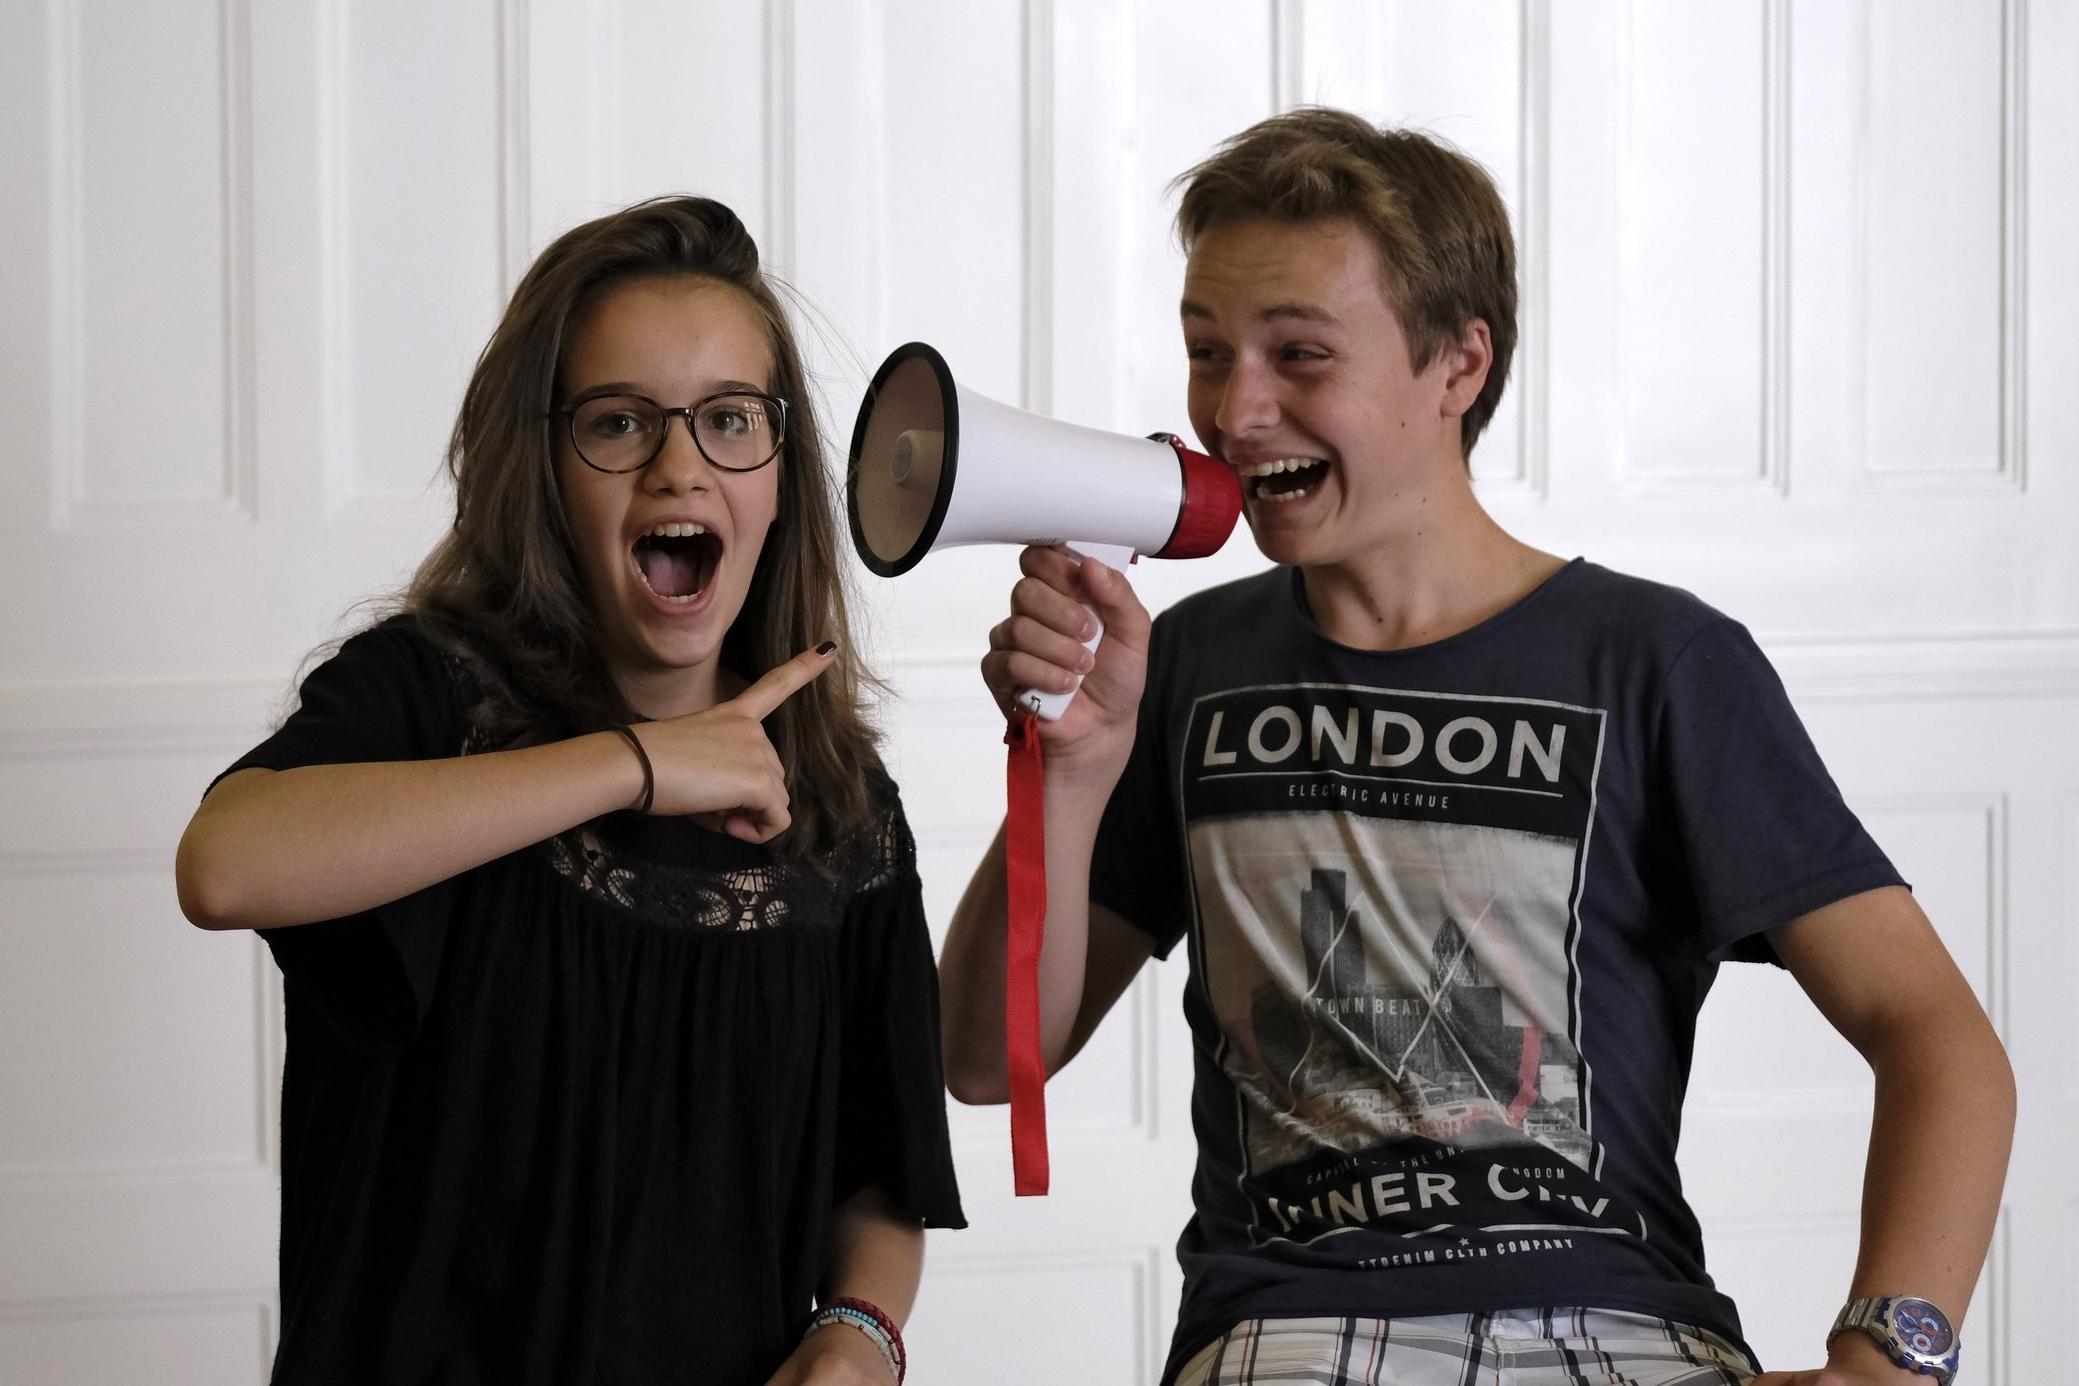 Zwei Jugendliche mit einem Megafon.